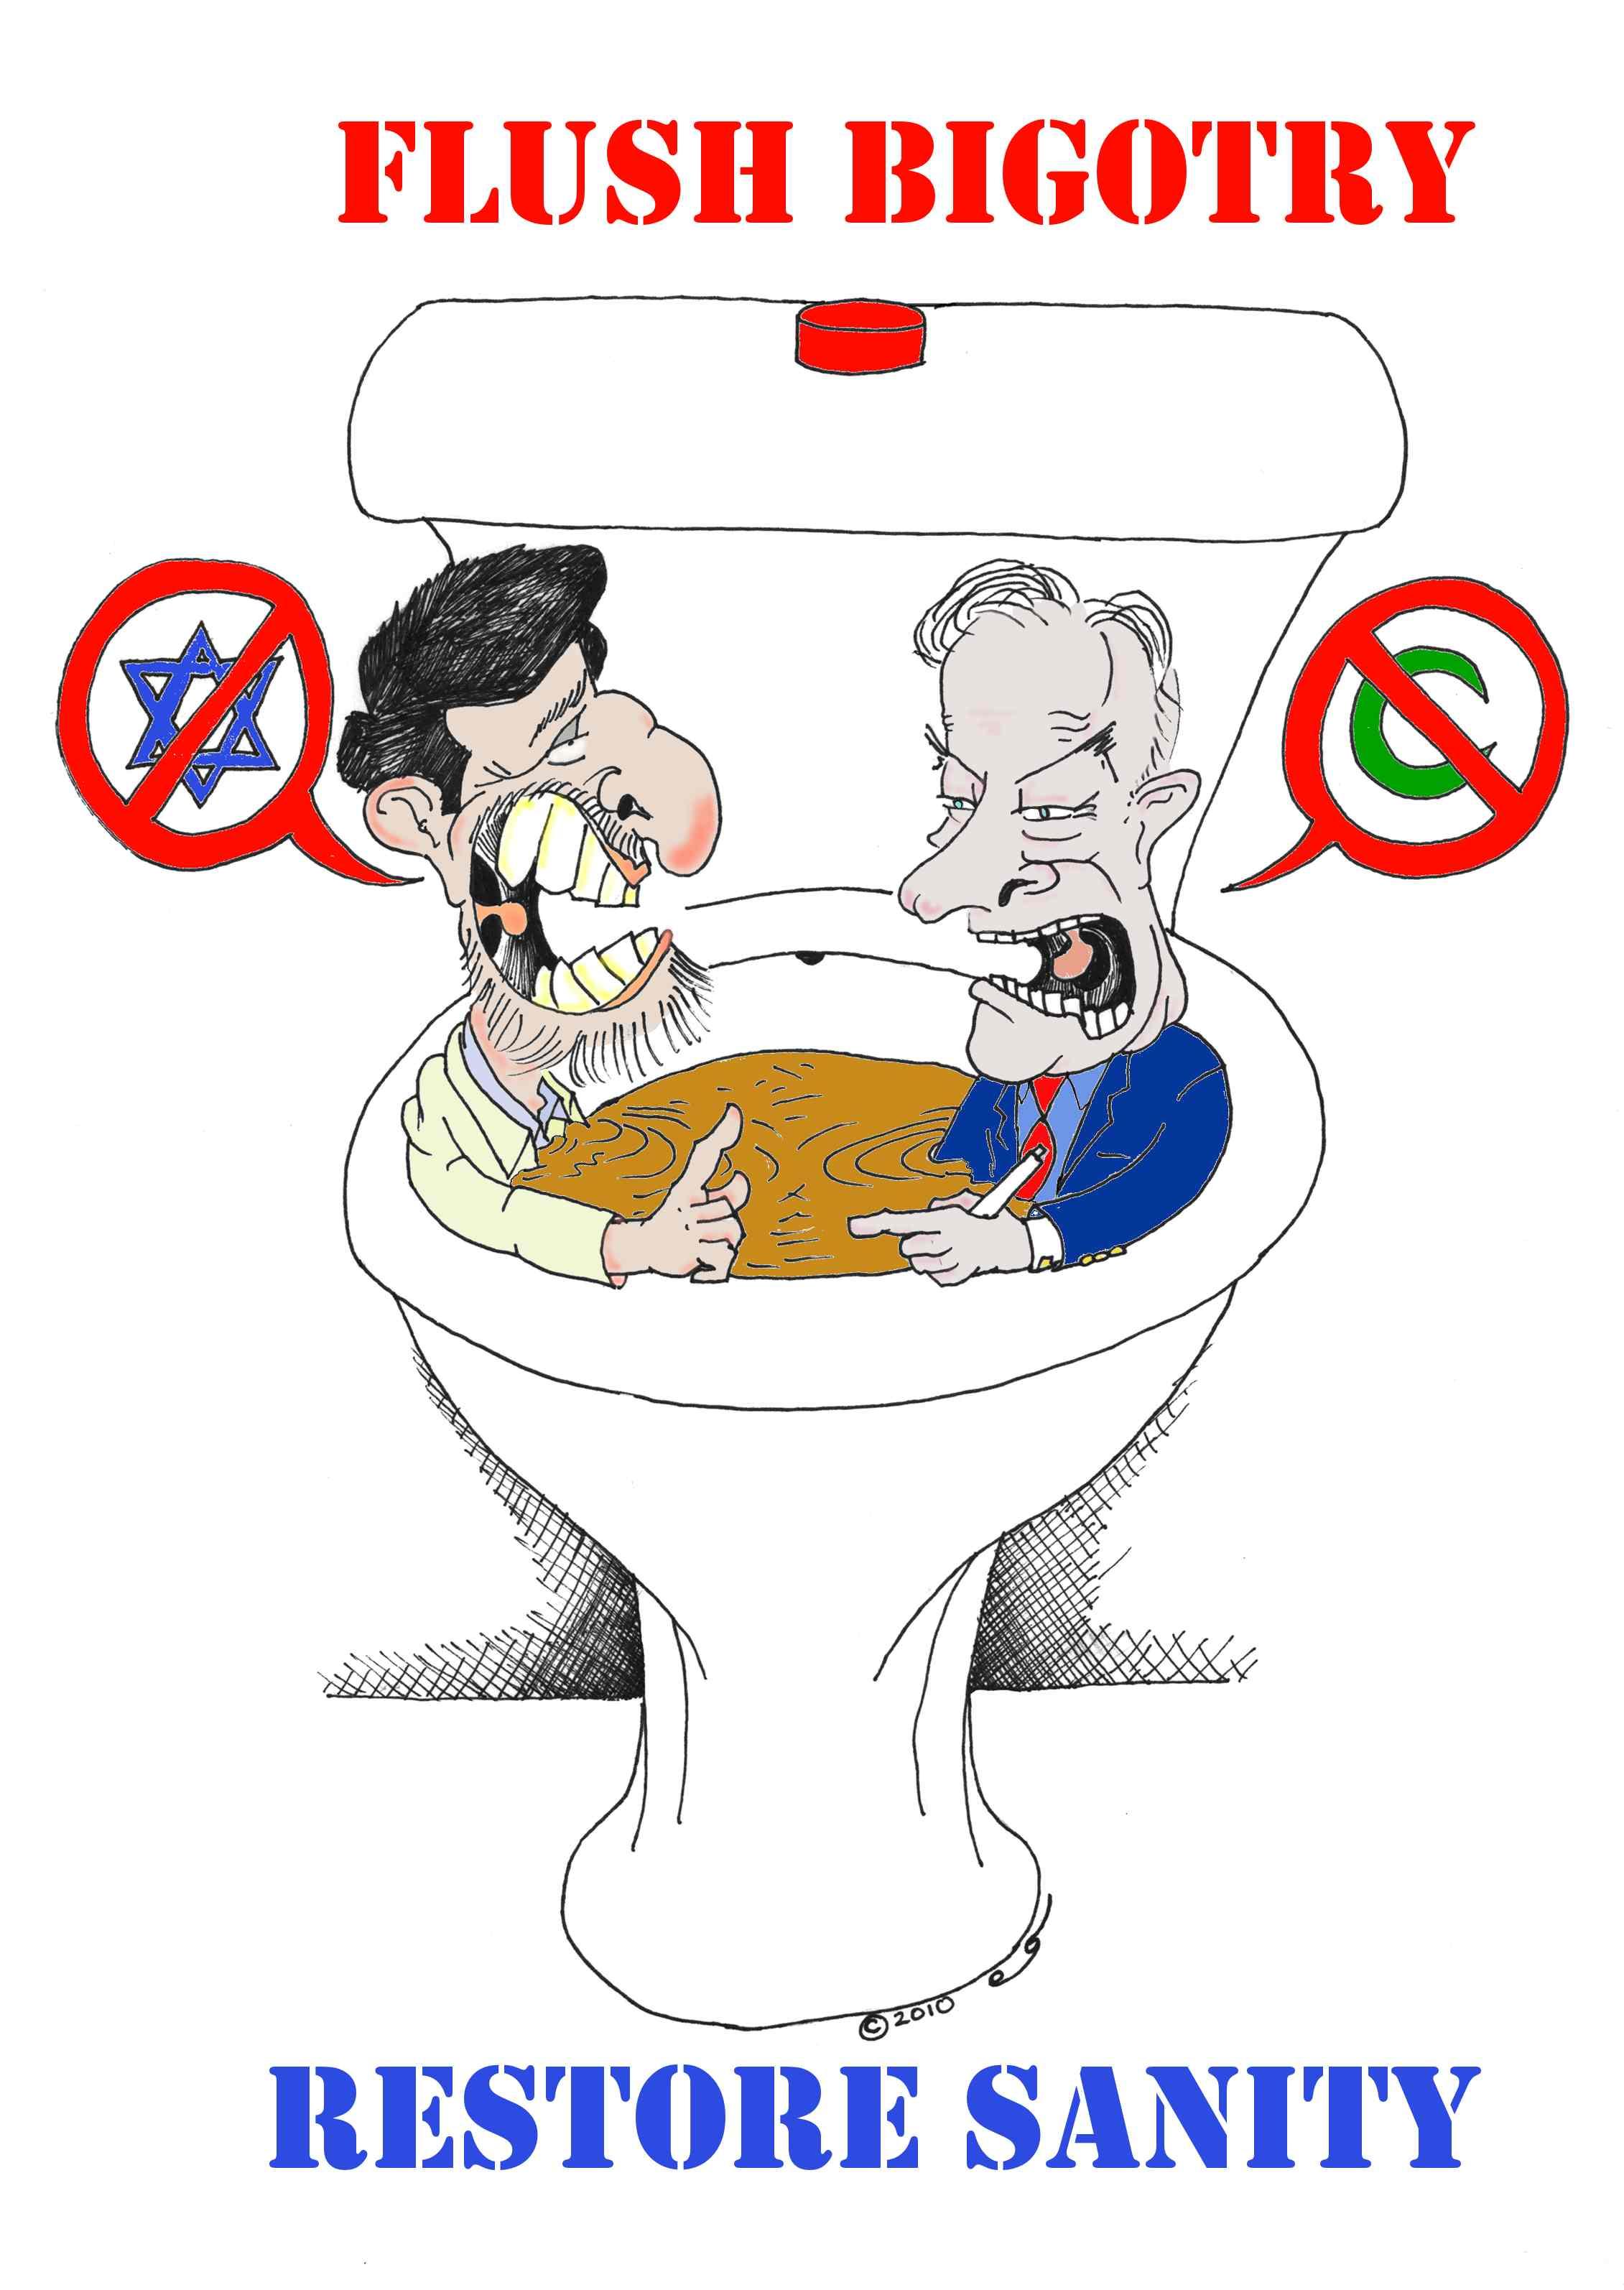 Flush Bigotry, Restore Sanity